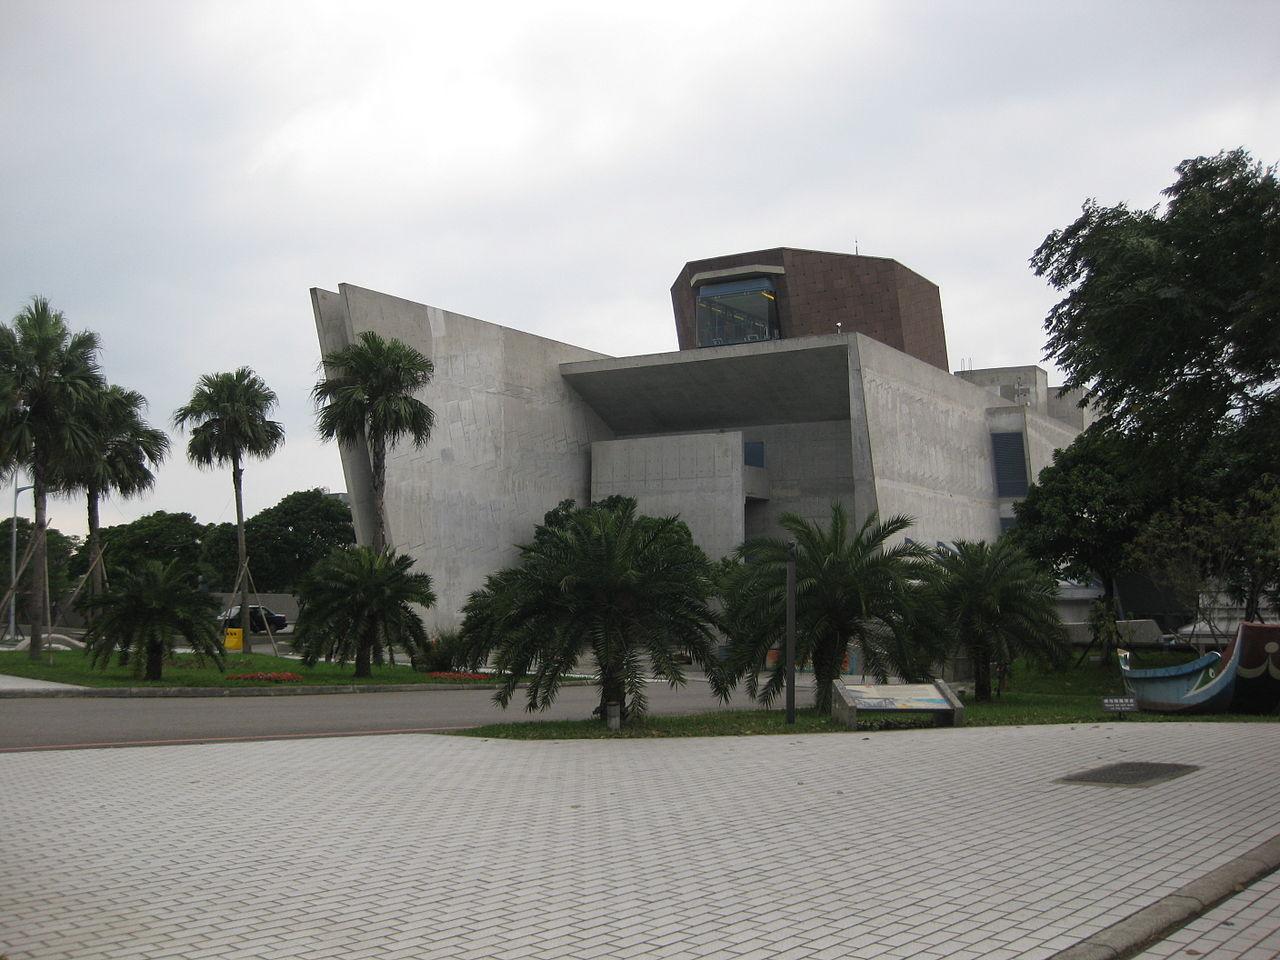 File:十三行博物館外觀 JPG - Wikimedia Commons